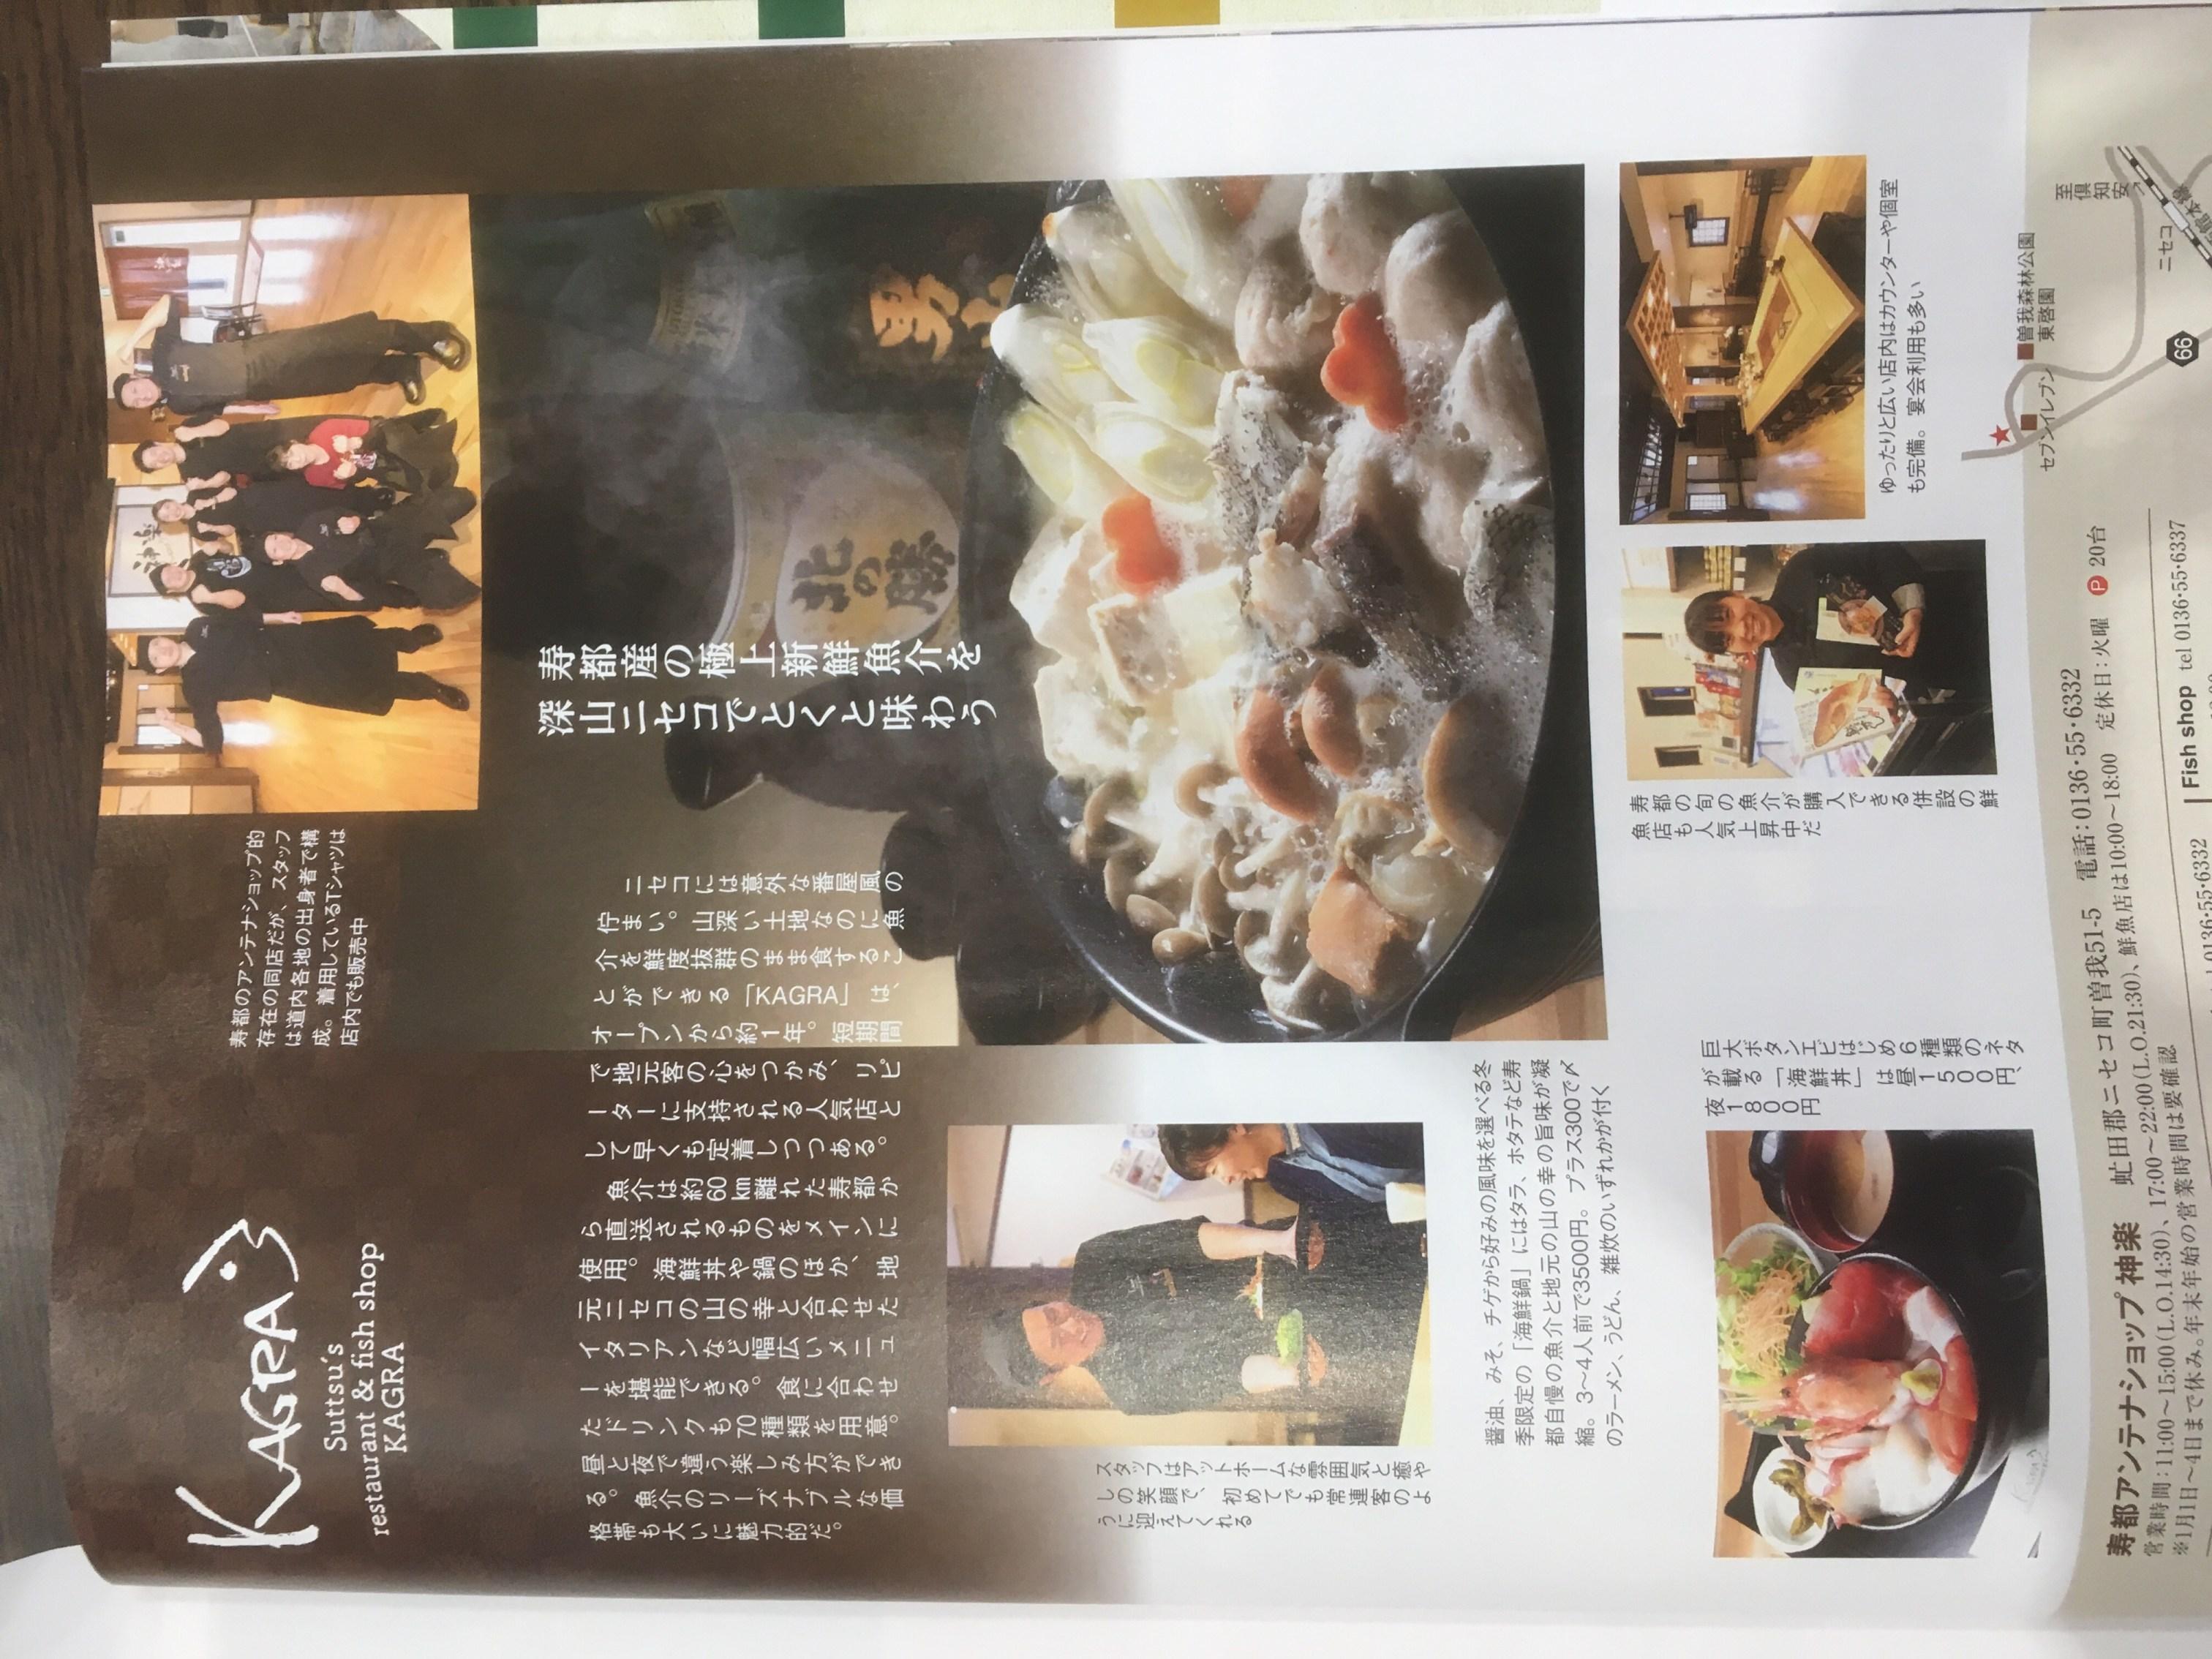 ニセコ レストラン神楽、鮮魚店がHOに掲載(o^^o)